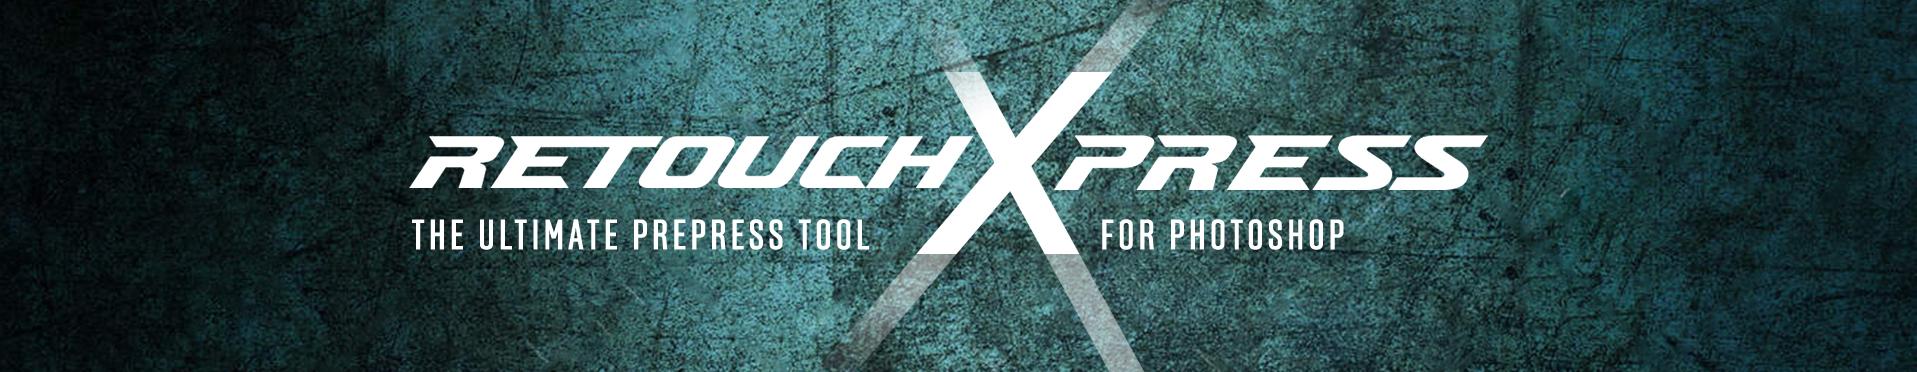 روتوش تصاویر با یک کلیک RetouchXPress